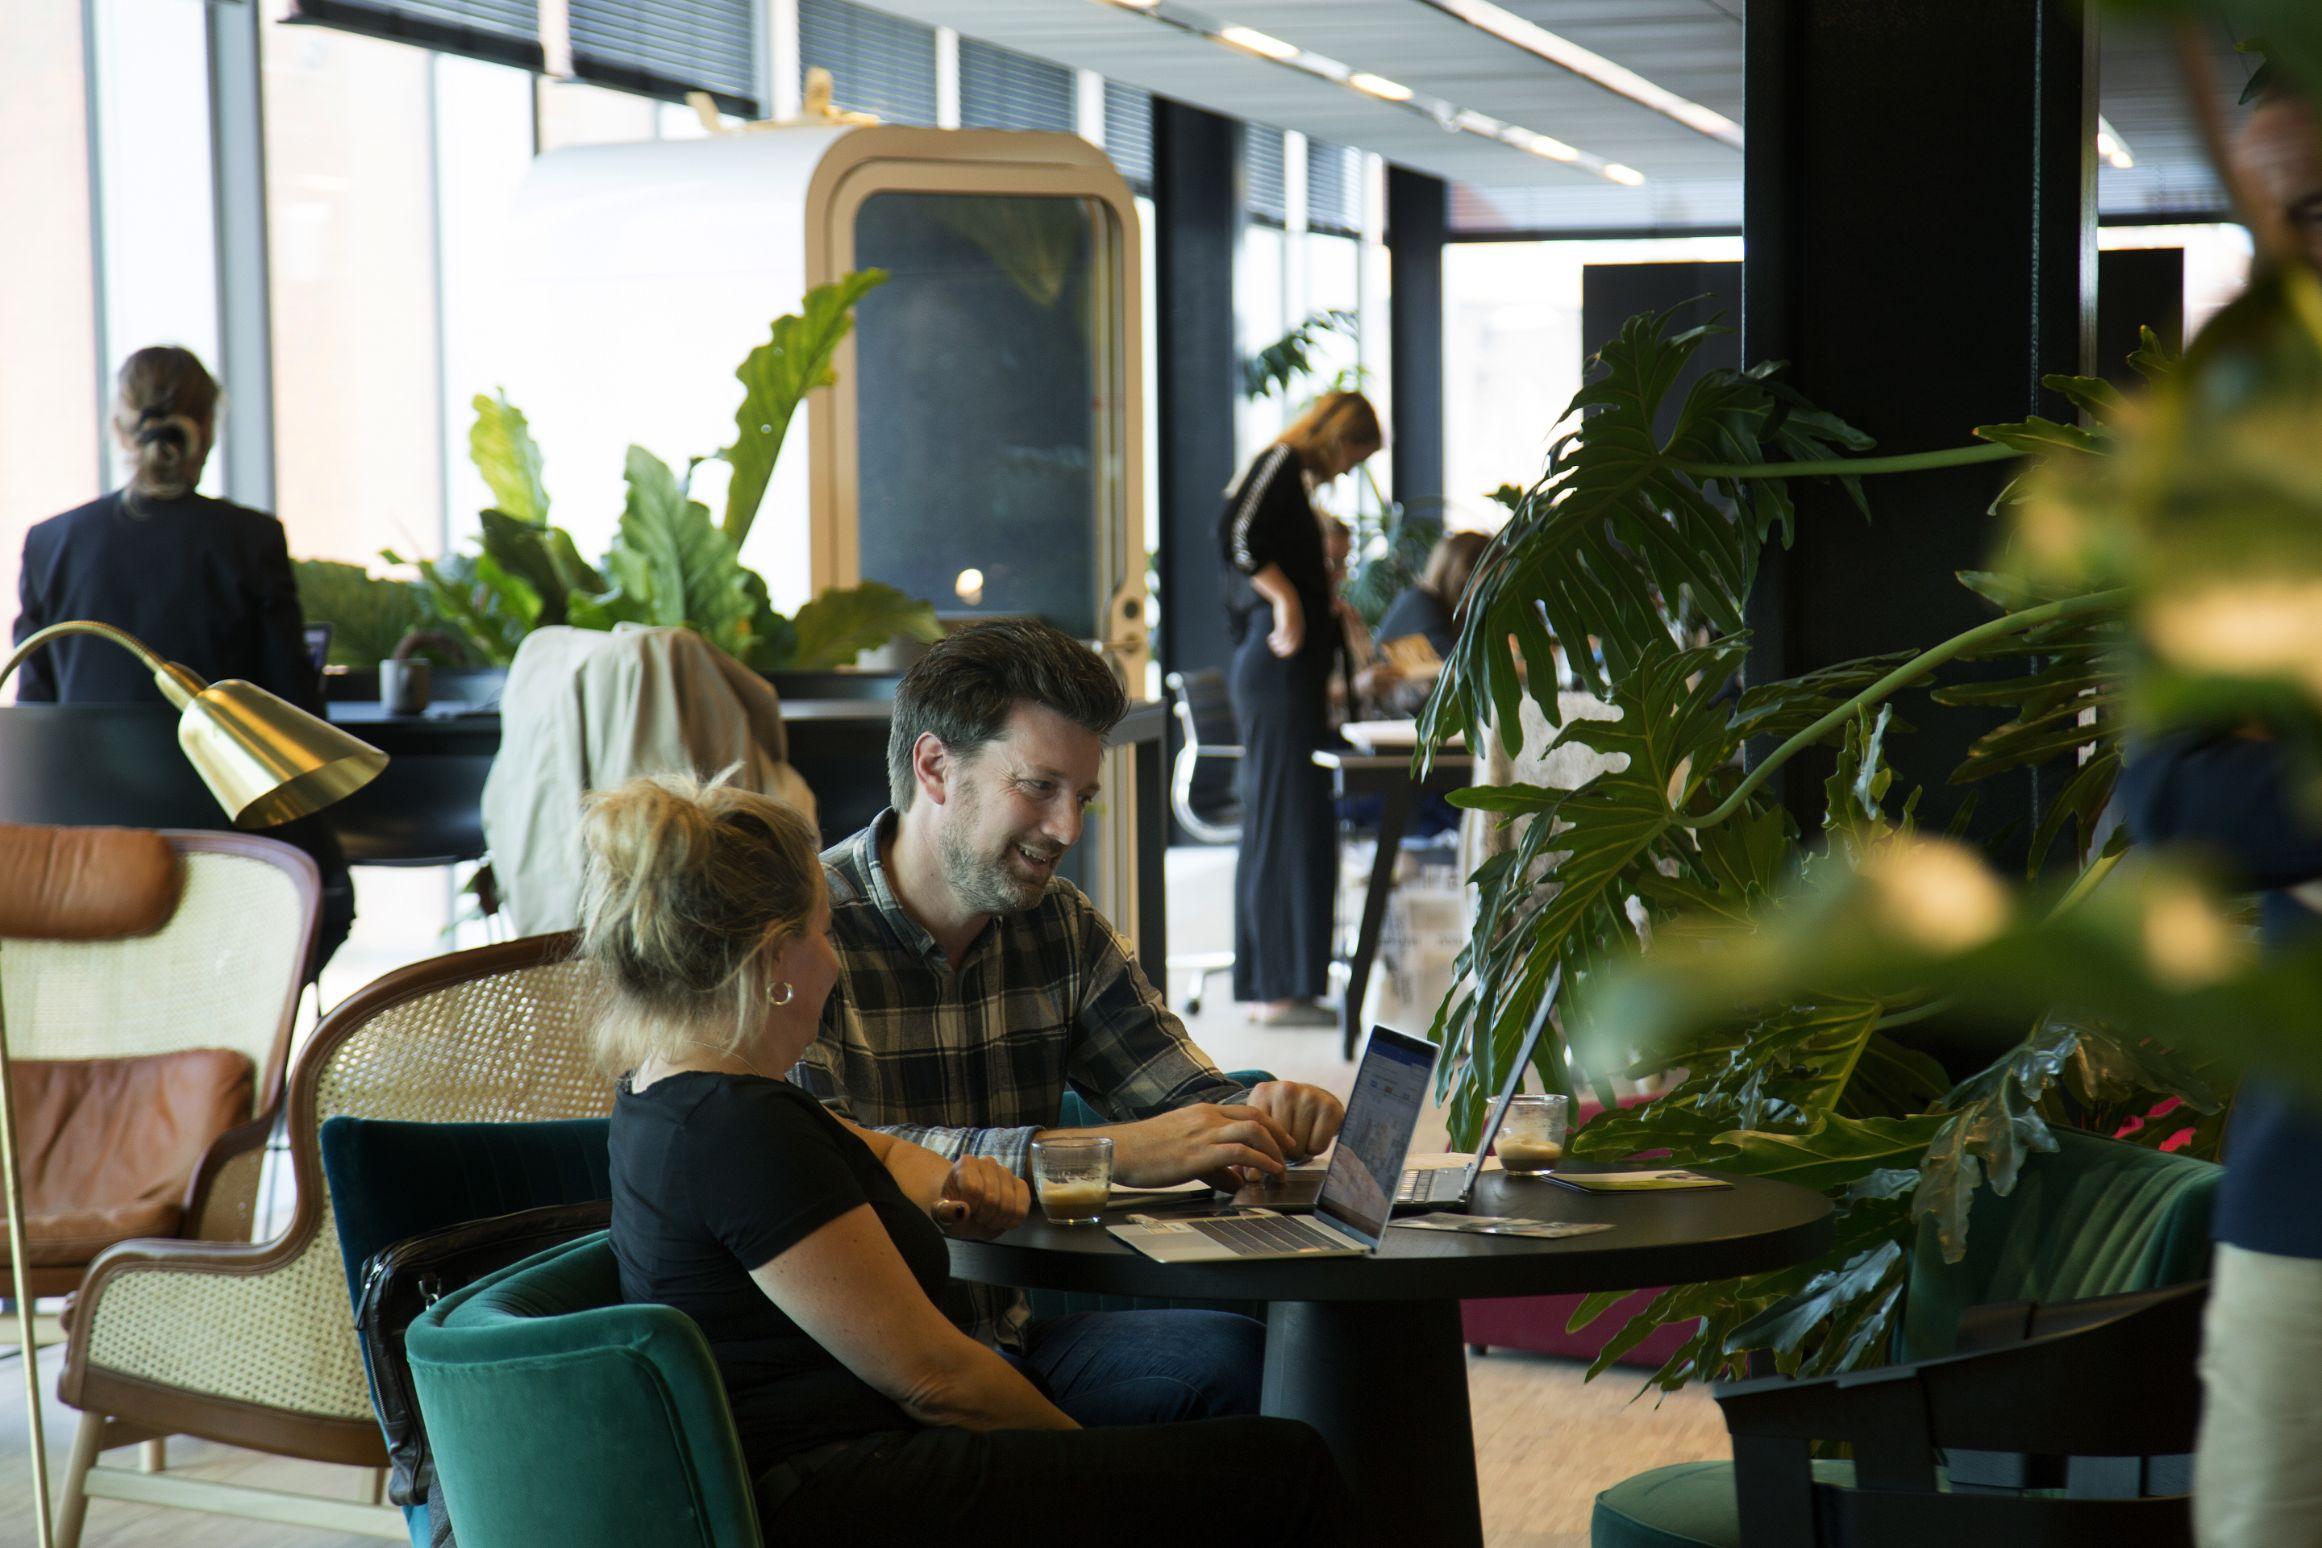 BLOXHUB POP-UP PÅ BUILDING GREEN: VORES BYER SKAL SKABES SAMMEN